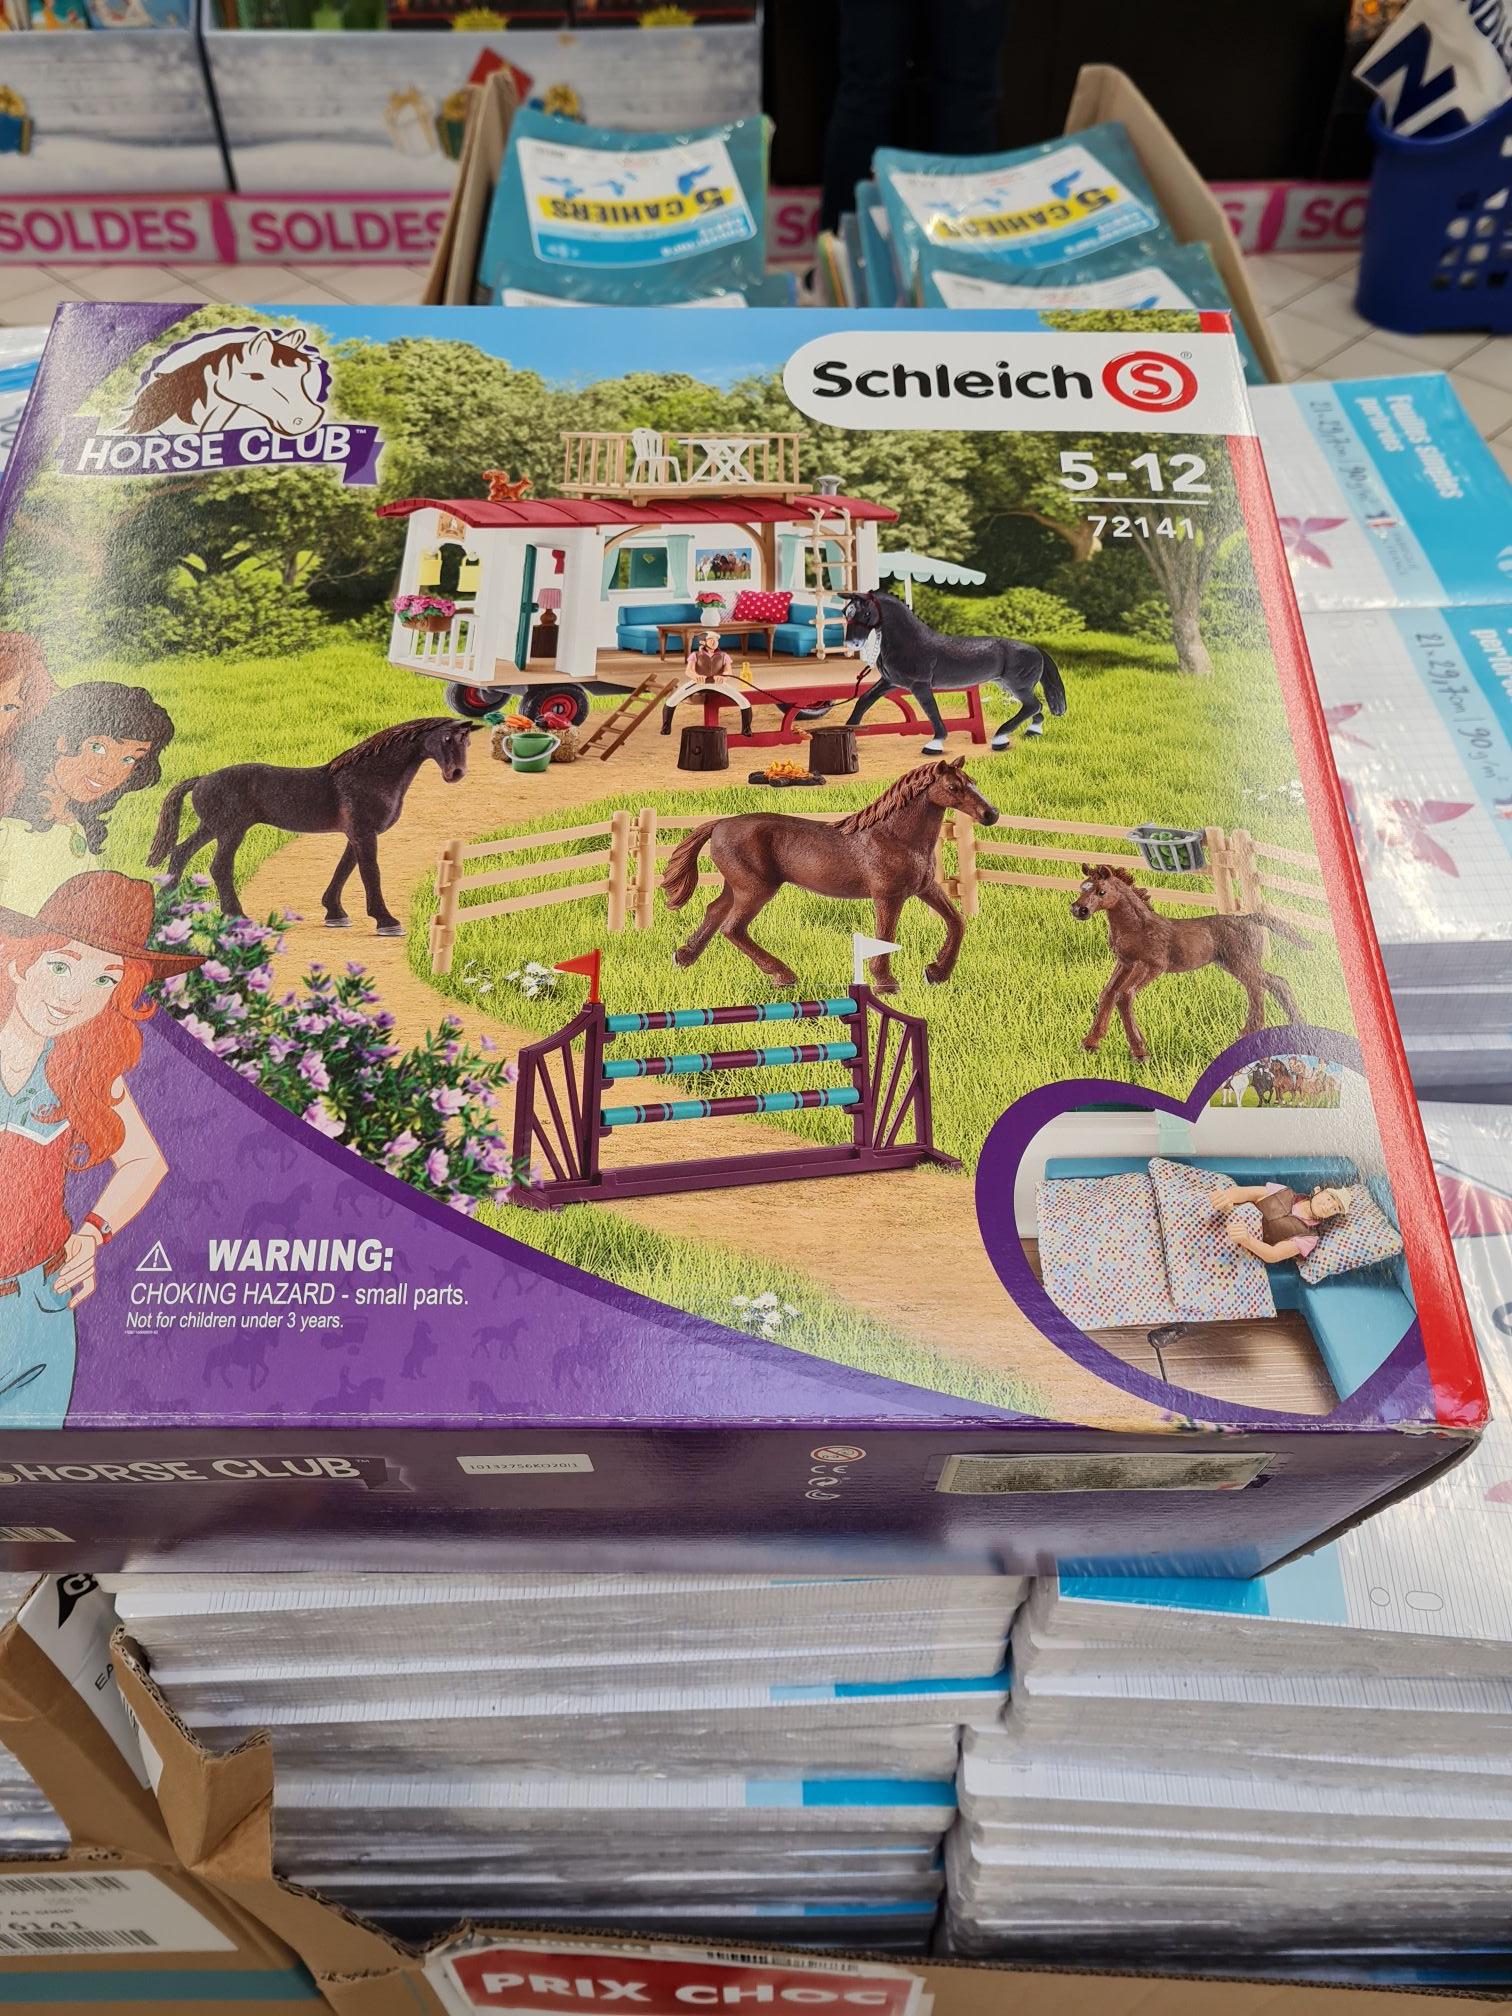 Jouet Schleich horse club 72141 - Carrefour Drancy (93)